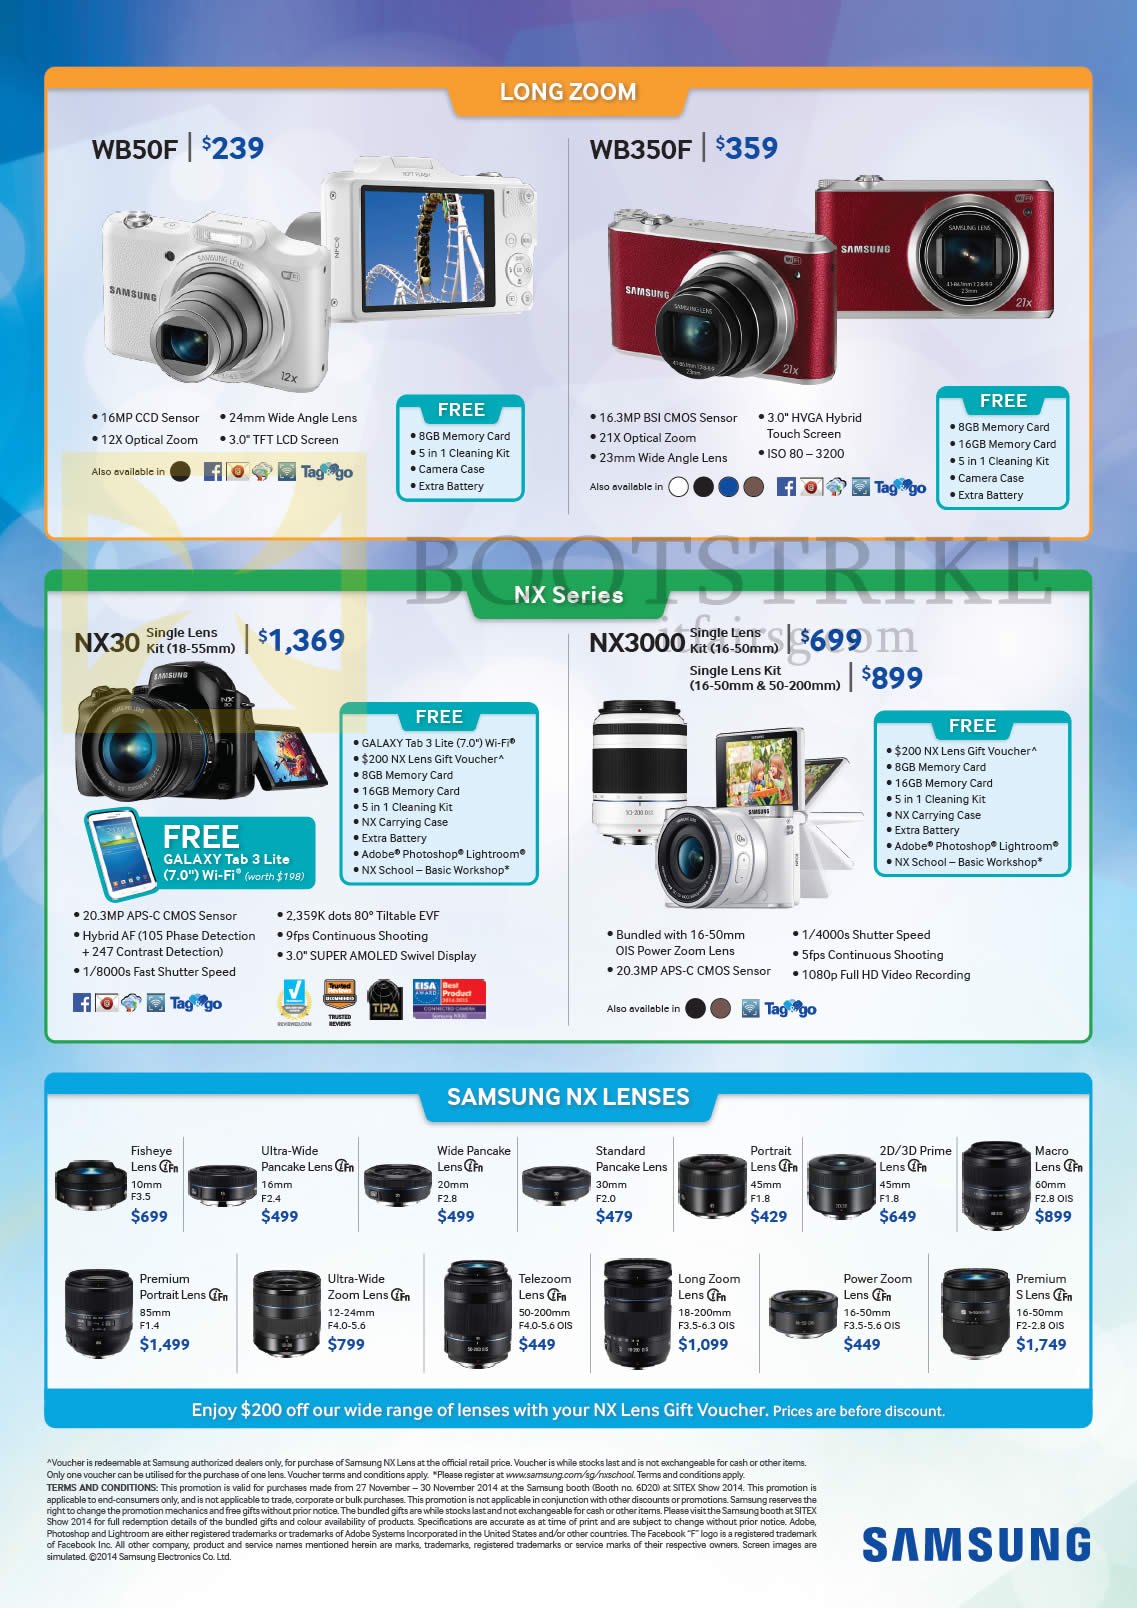 Samsung Digital Cameras WB50F, WB350F, NX30, NX3000, NX Lenses